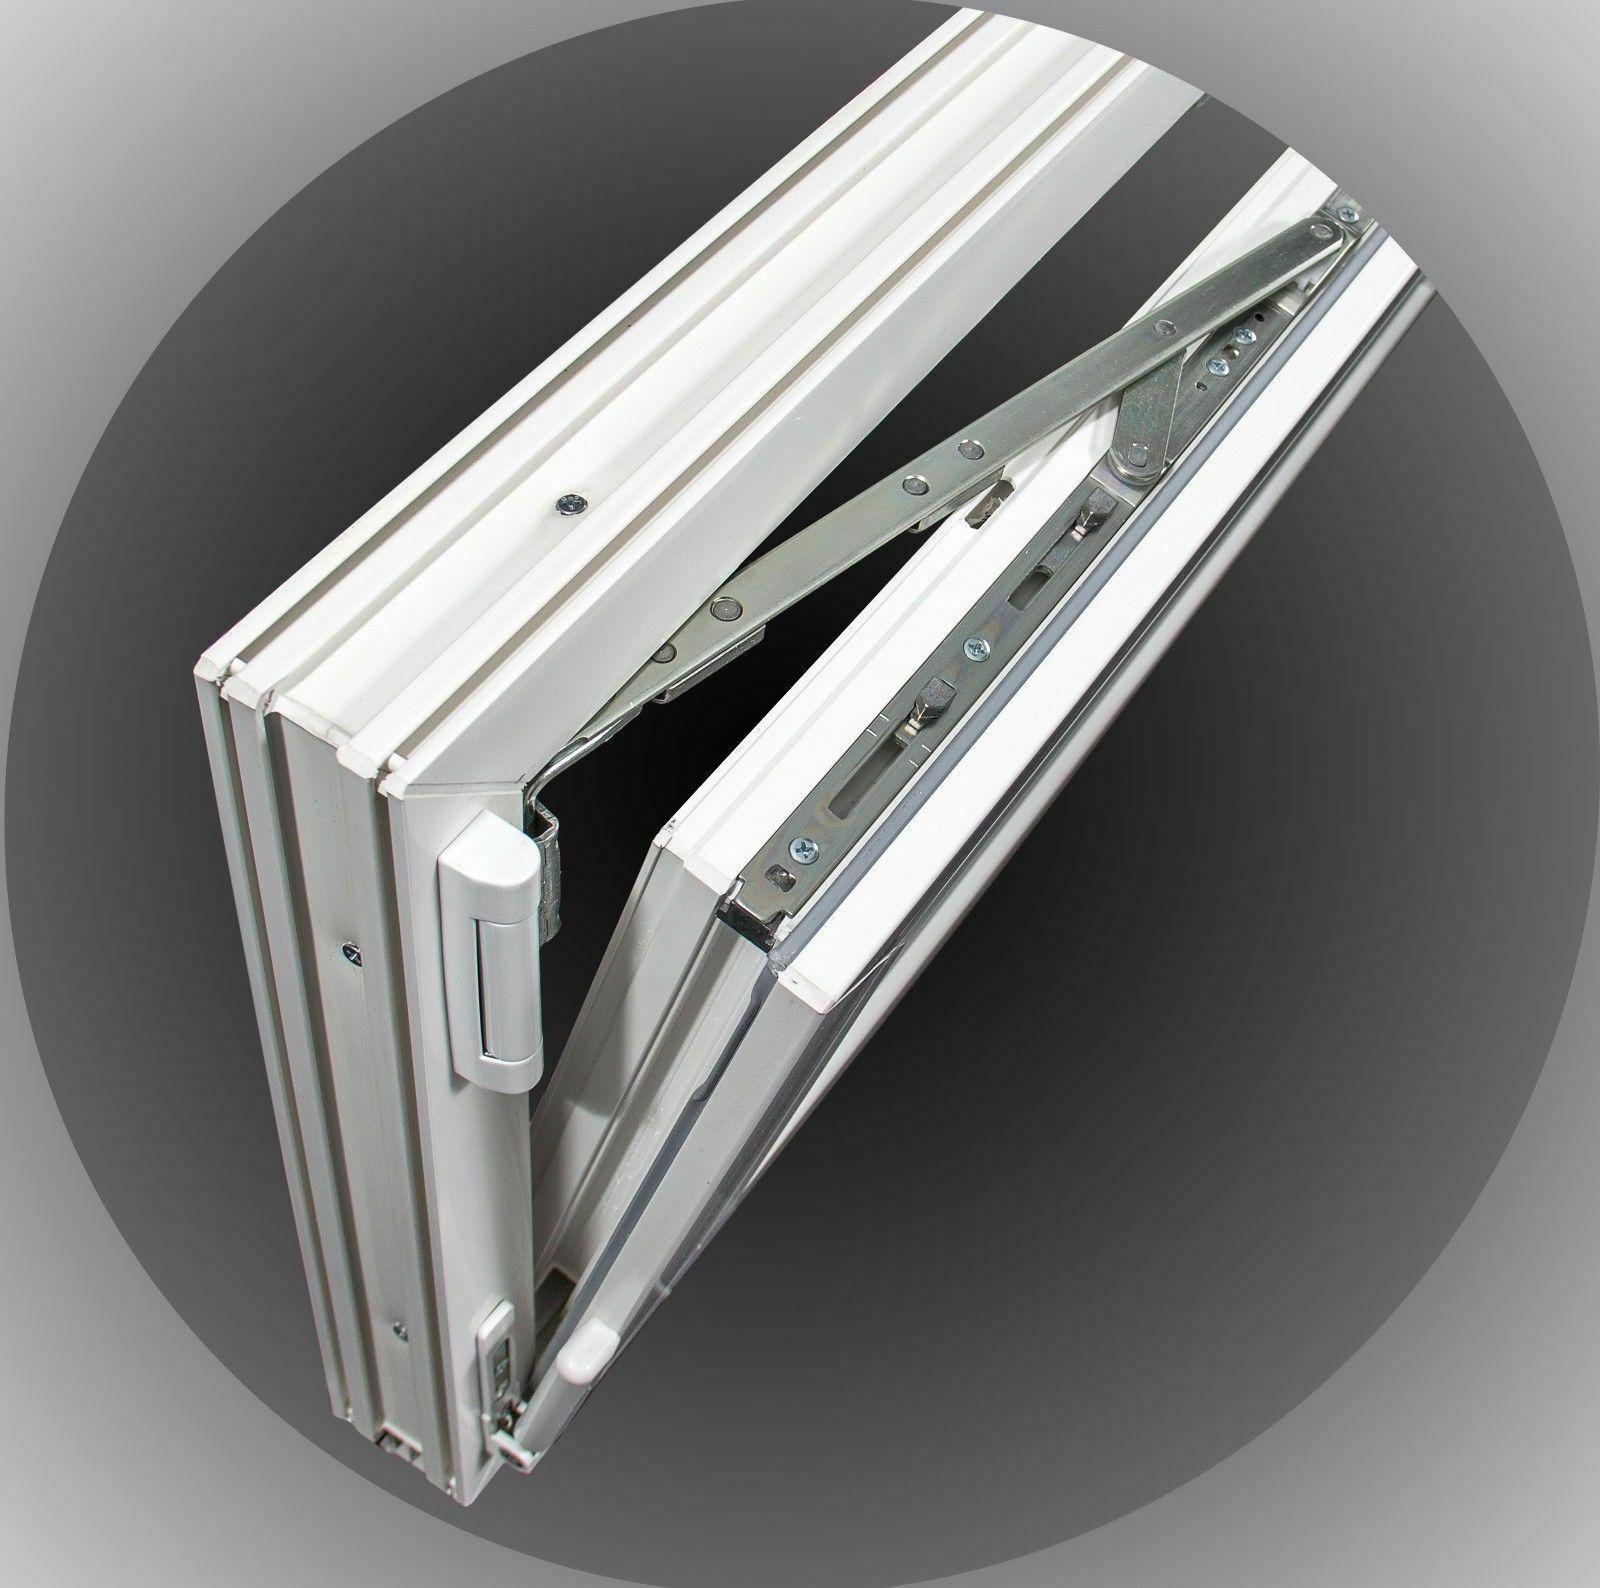 Kellerfenster-Kunststoff-Fenster-Dreh-Kipp-2-Fach-Verglasung-SOFORTLIEFERBAR Indexbild 18